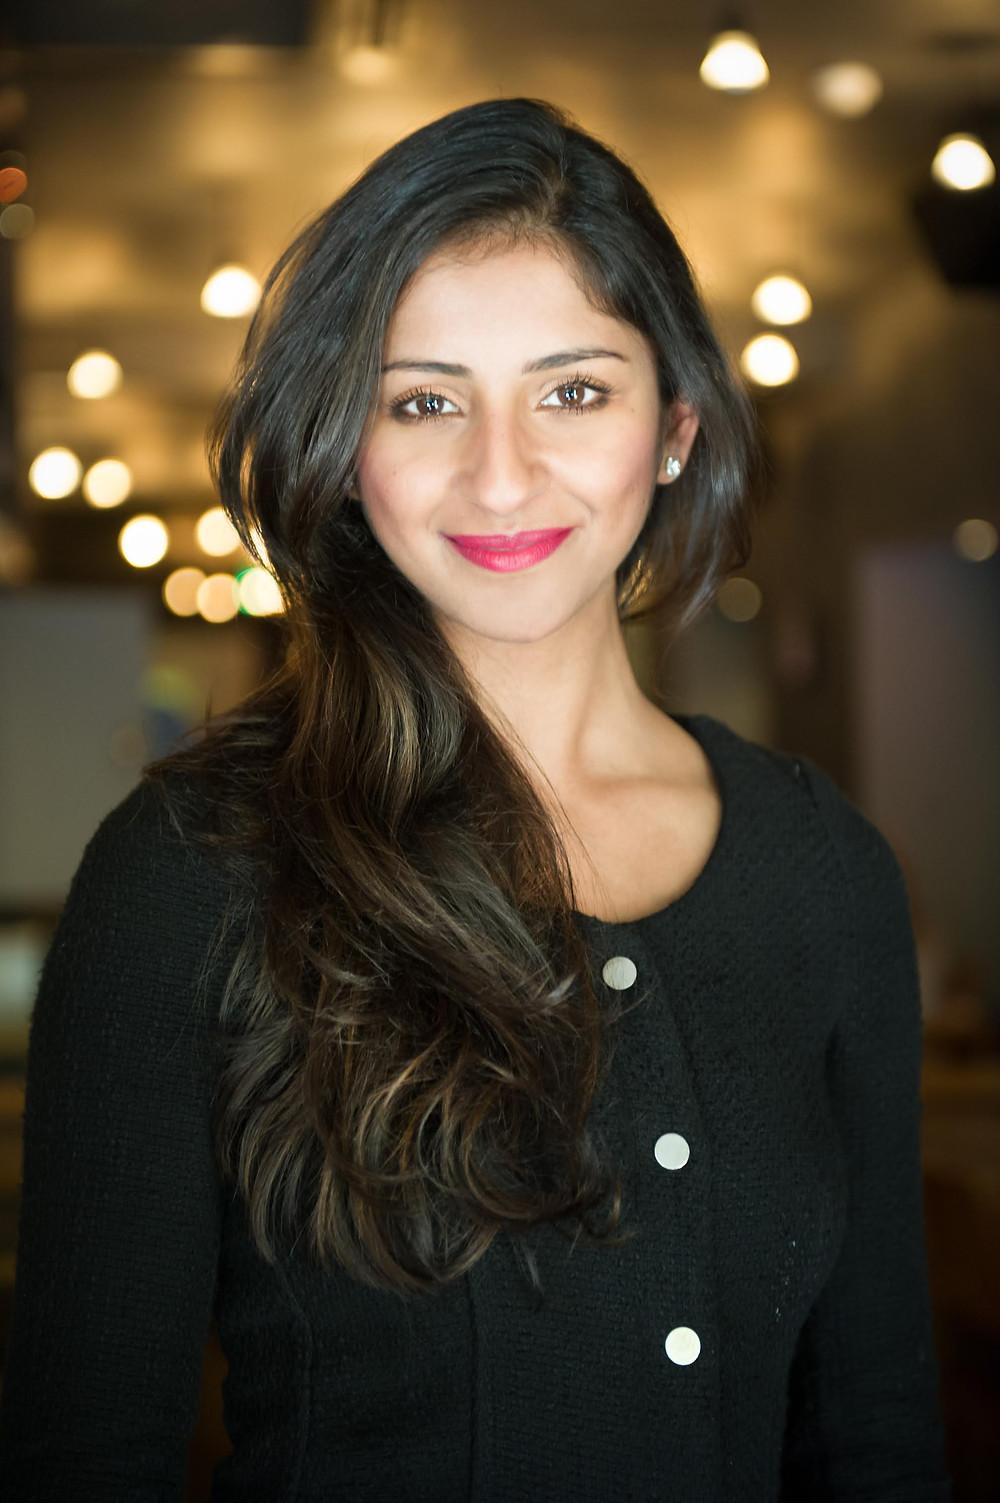 Angeline Lodhia, InSkin Media Asia